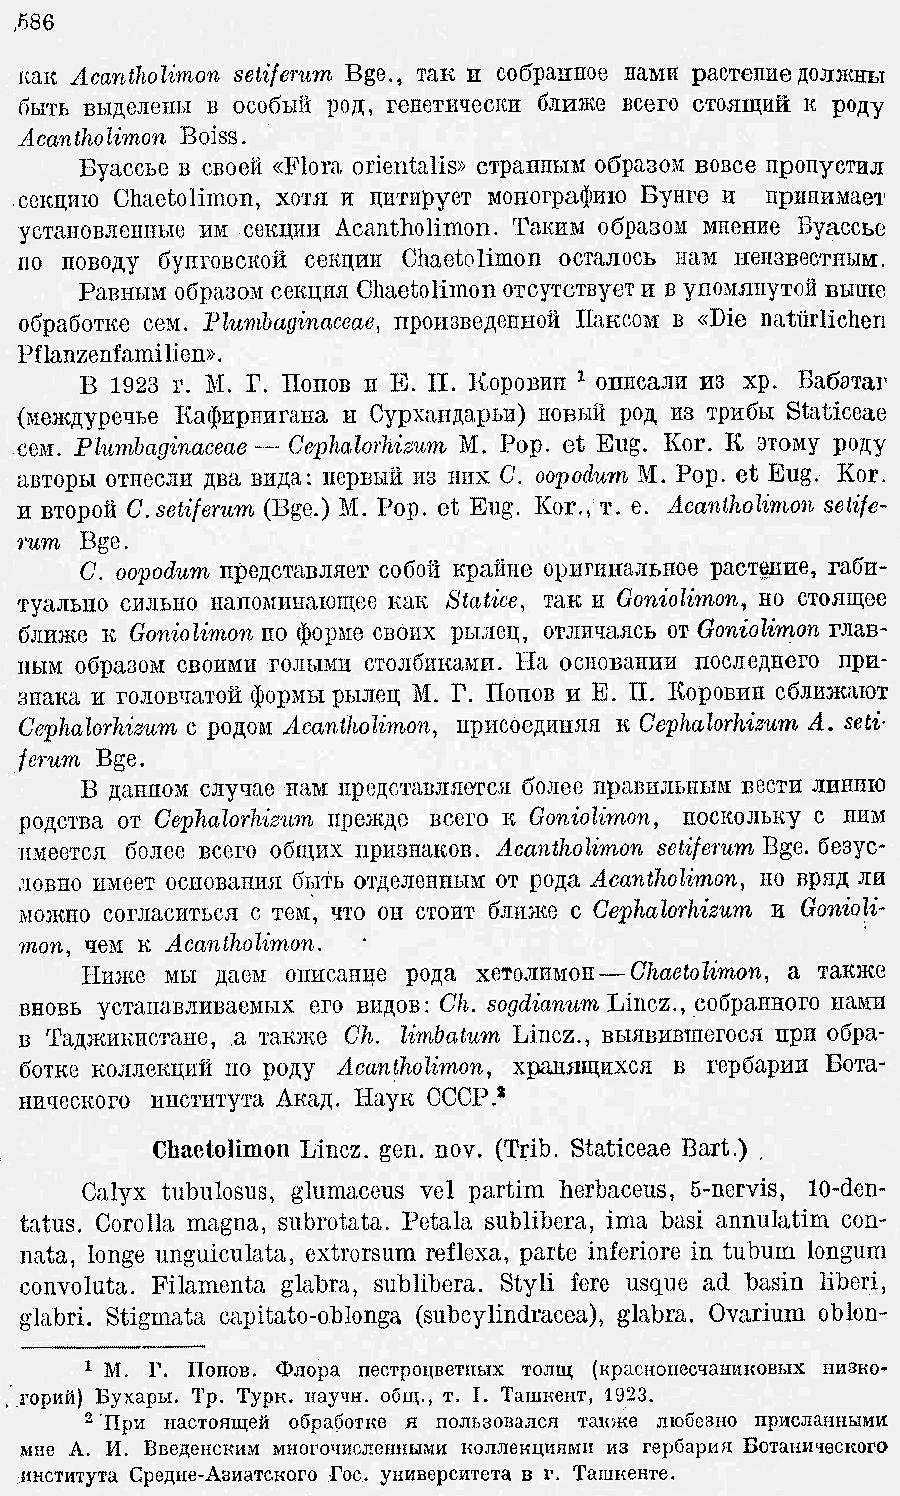 https://forum.plantarium.ru/misc.php?action=pun_attachment&item=28422